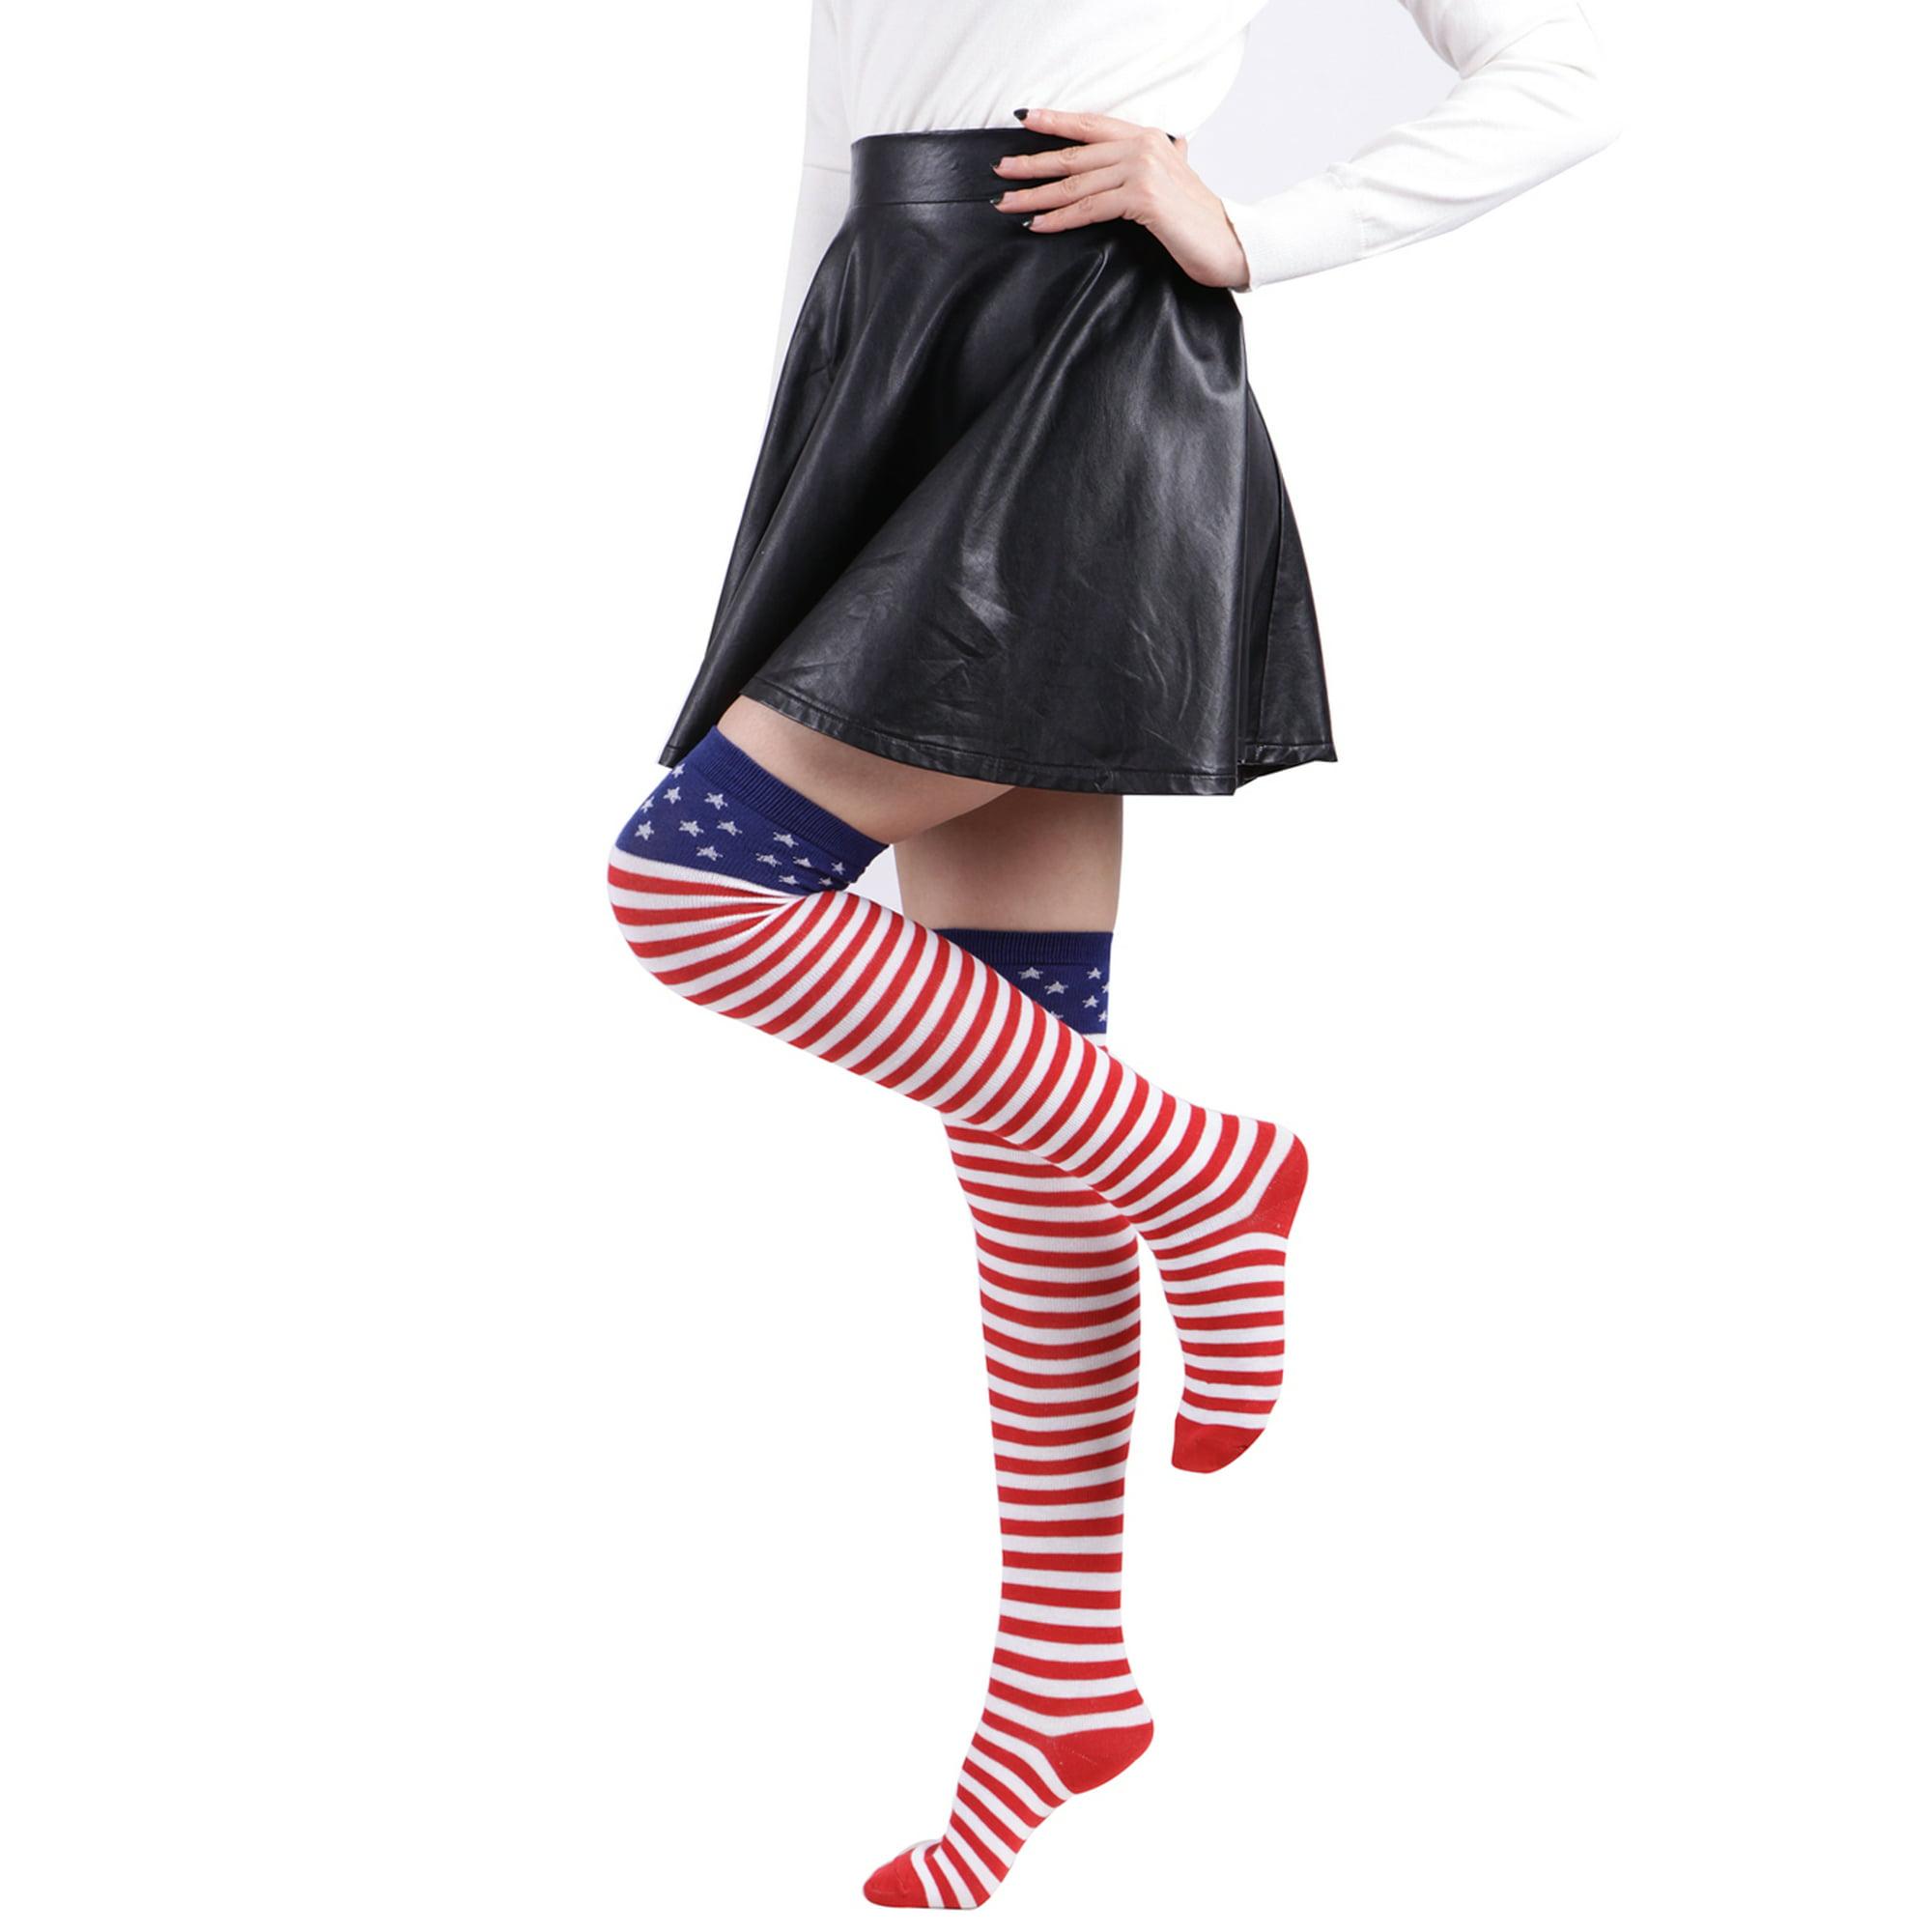 1fdc6d729 HDE Womens Striped Socks School Team University Colors OTK Long Knee High  socks (Orange and White)